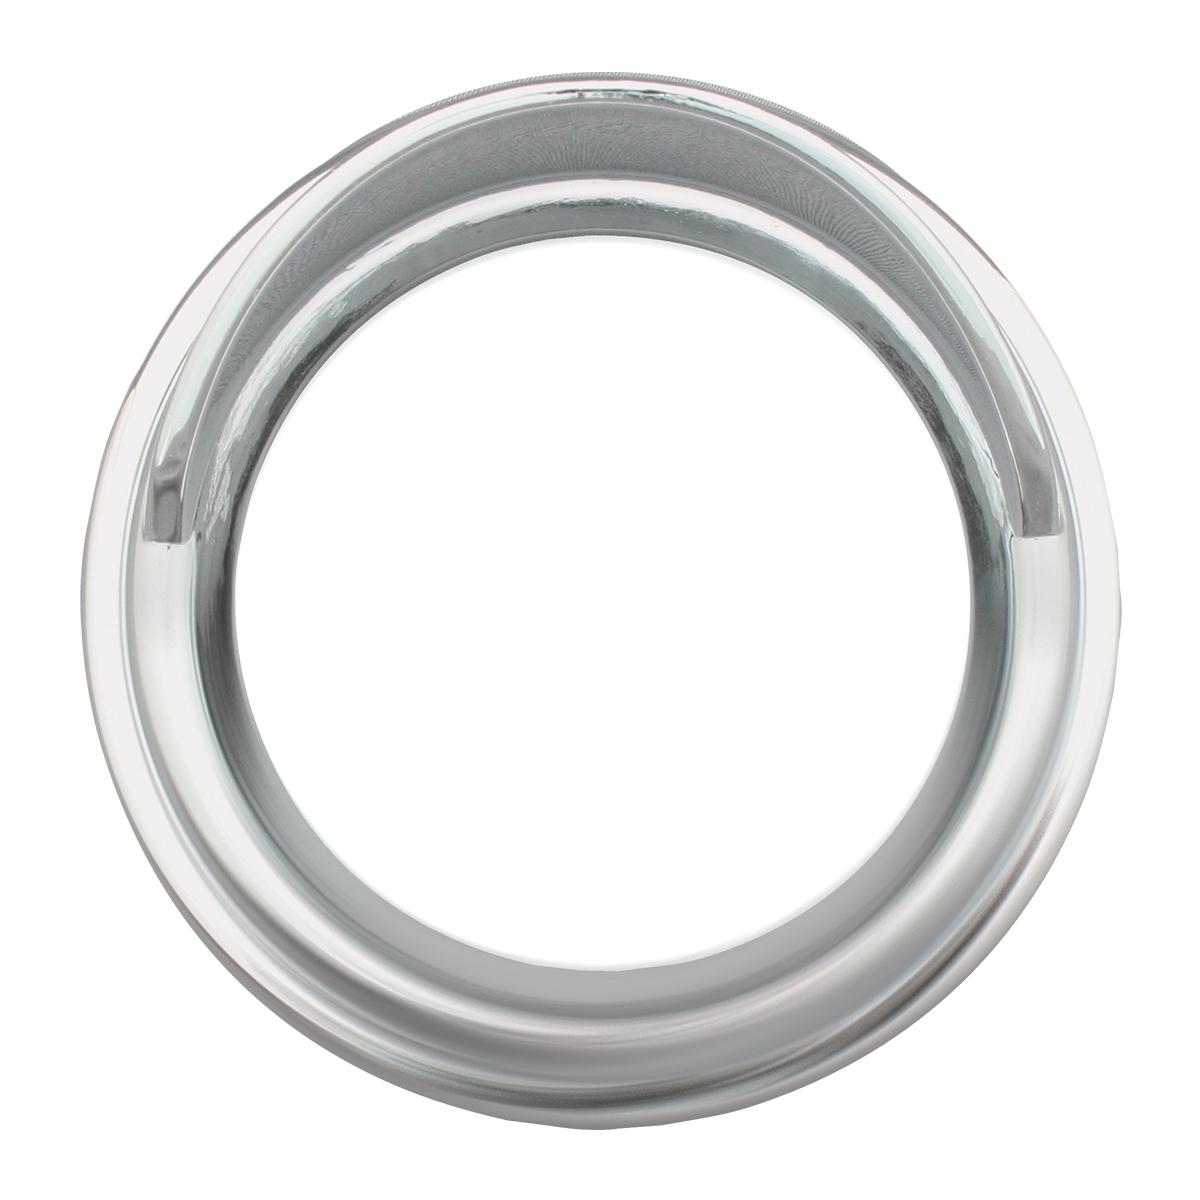 Chrome Plastic Gauge Cover w/ Visor for FL & Pete